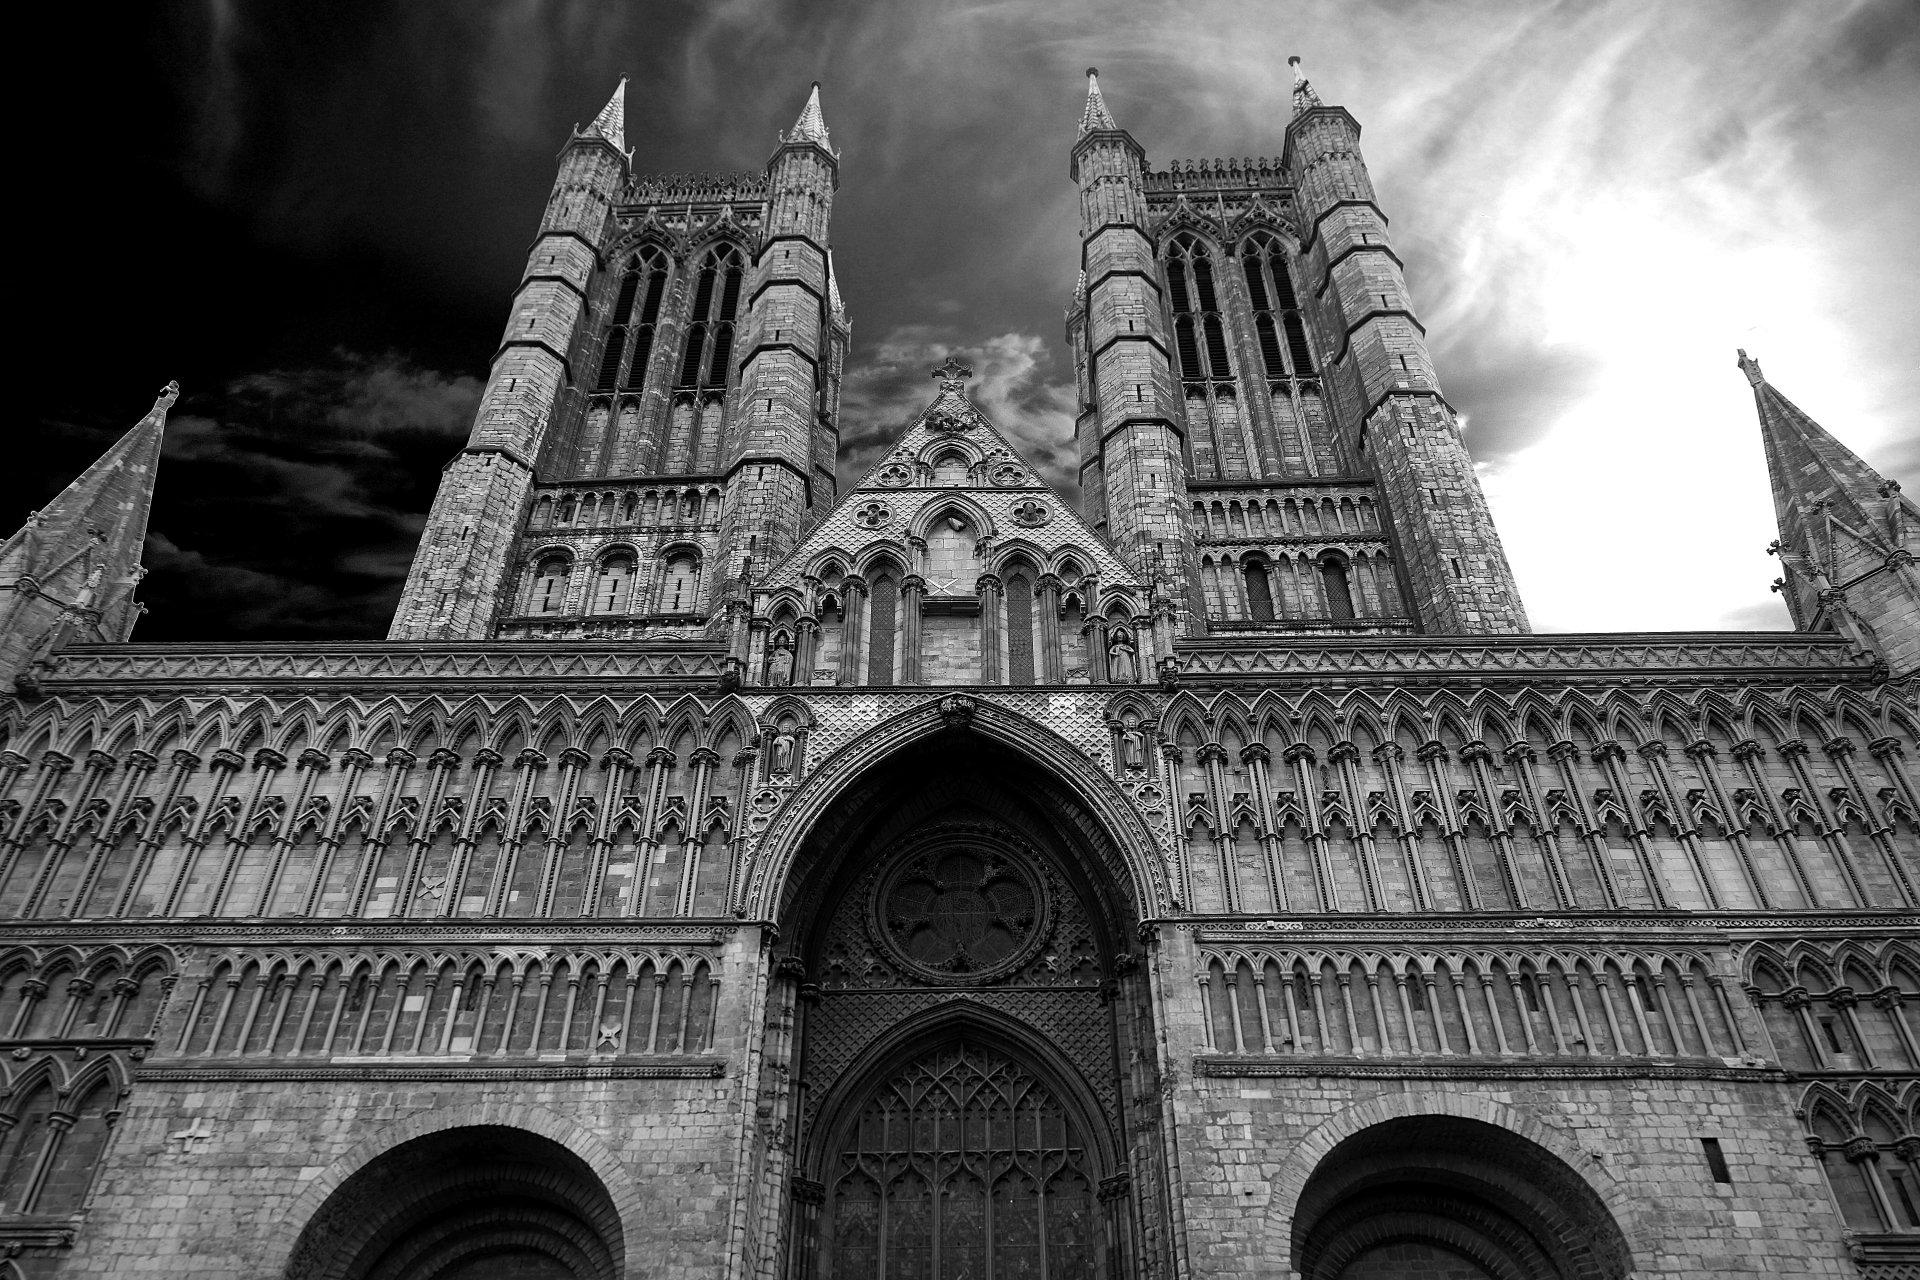 Religious - Cathedral  England Black & White Architecture Religious Wallpaper